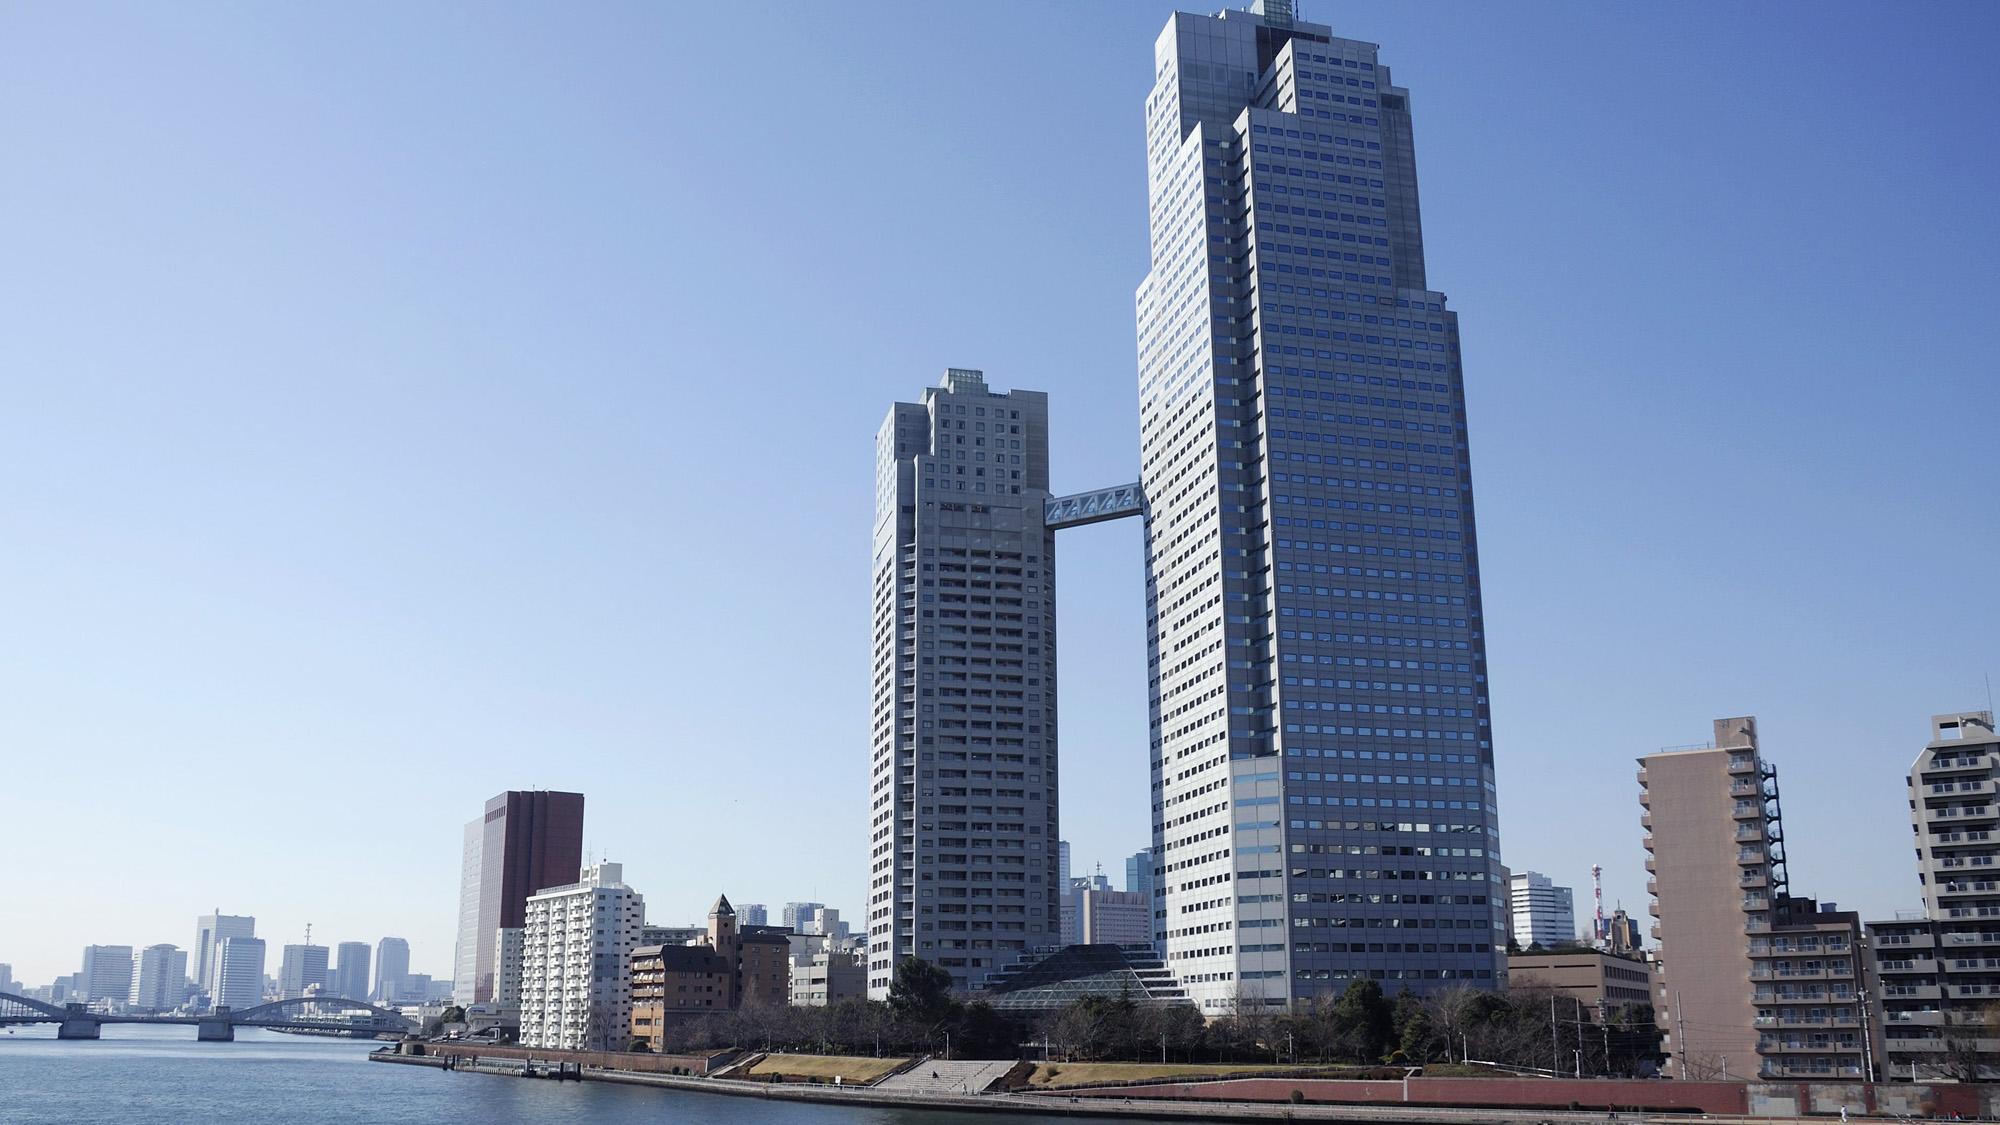 銀座クレストン(旧東京新阪急ホテル)の詳細